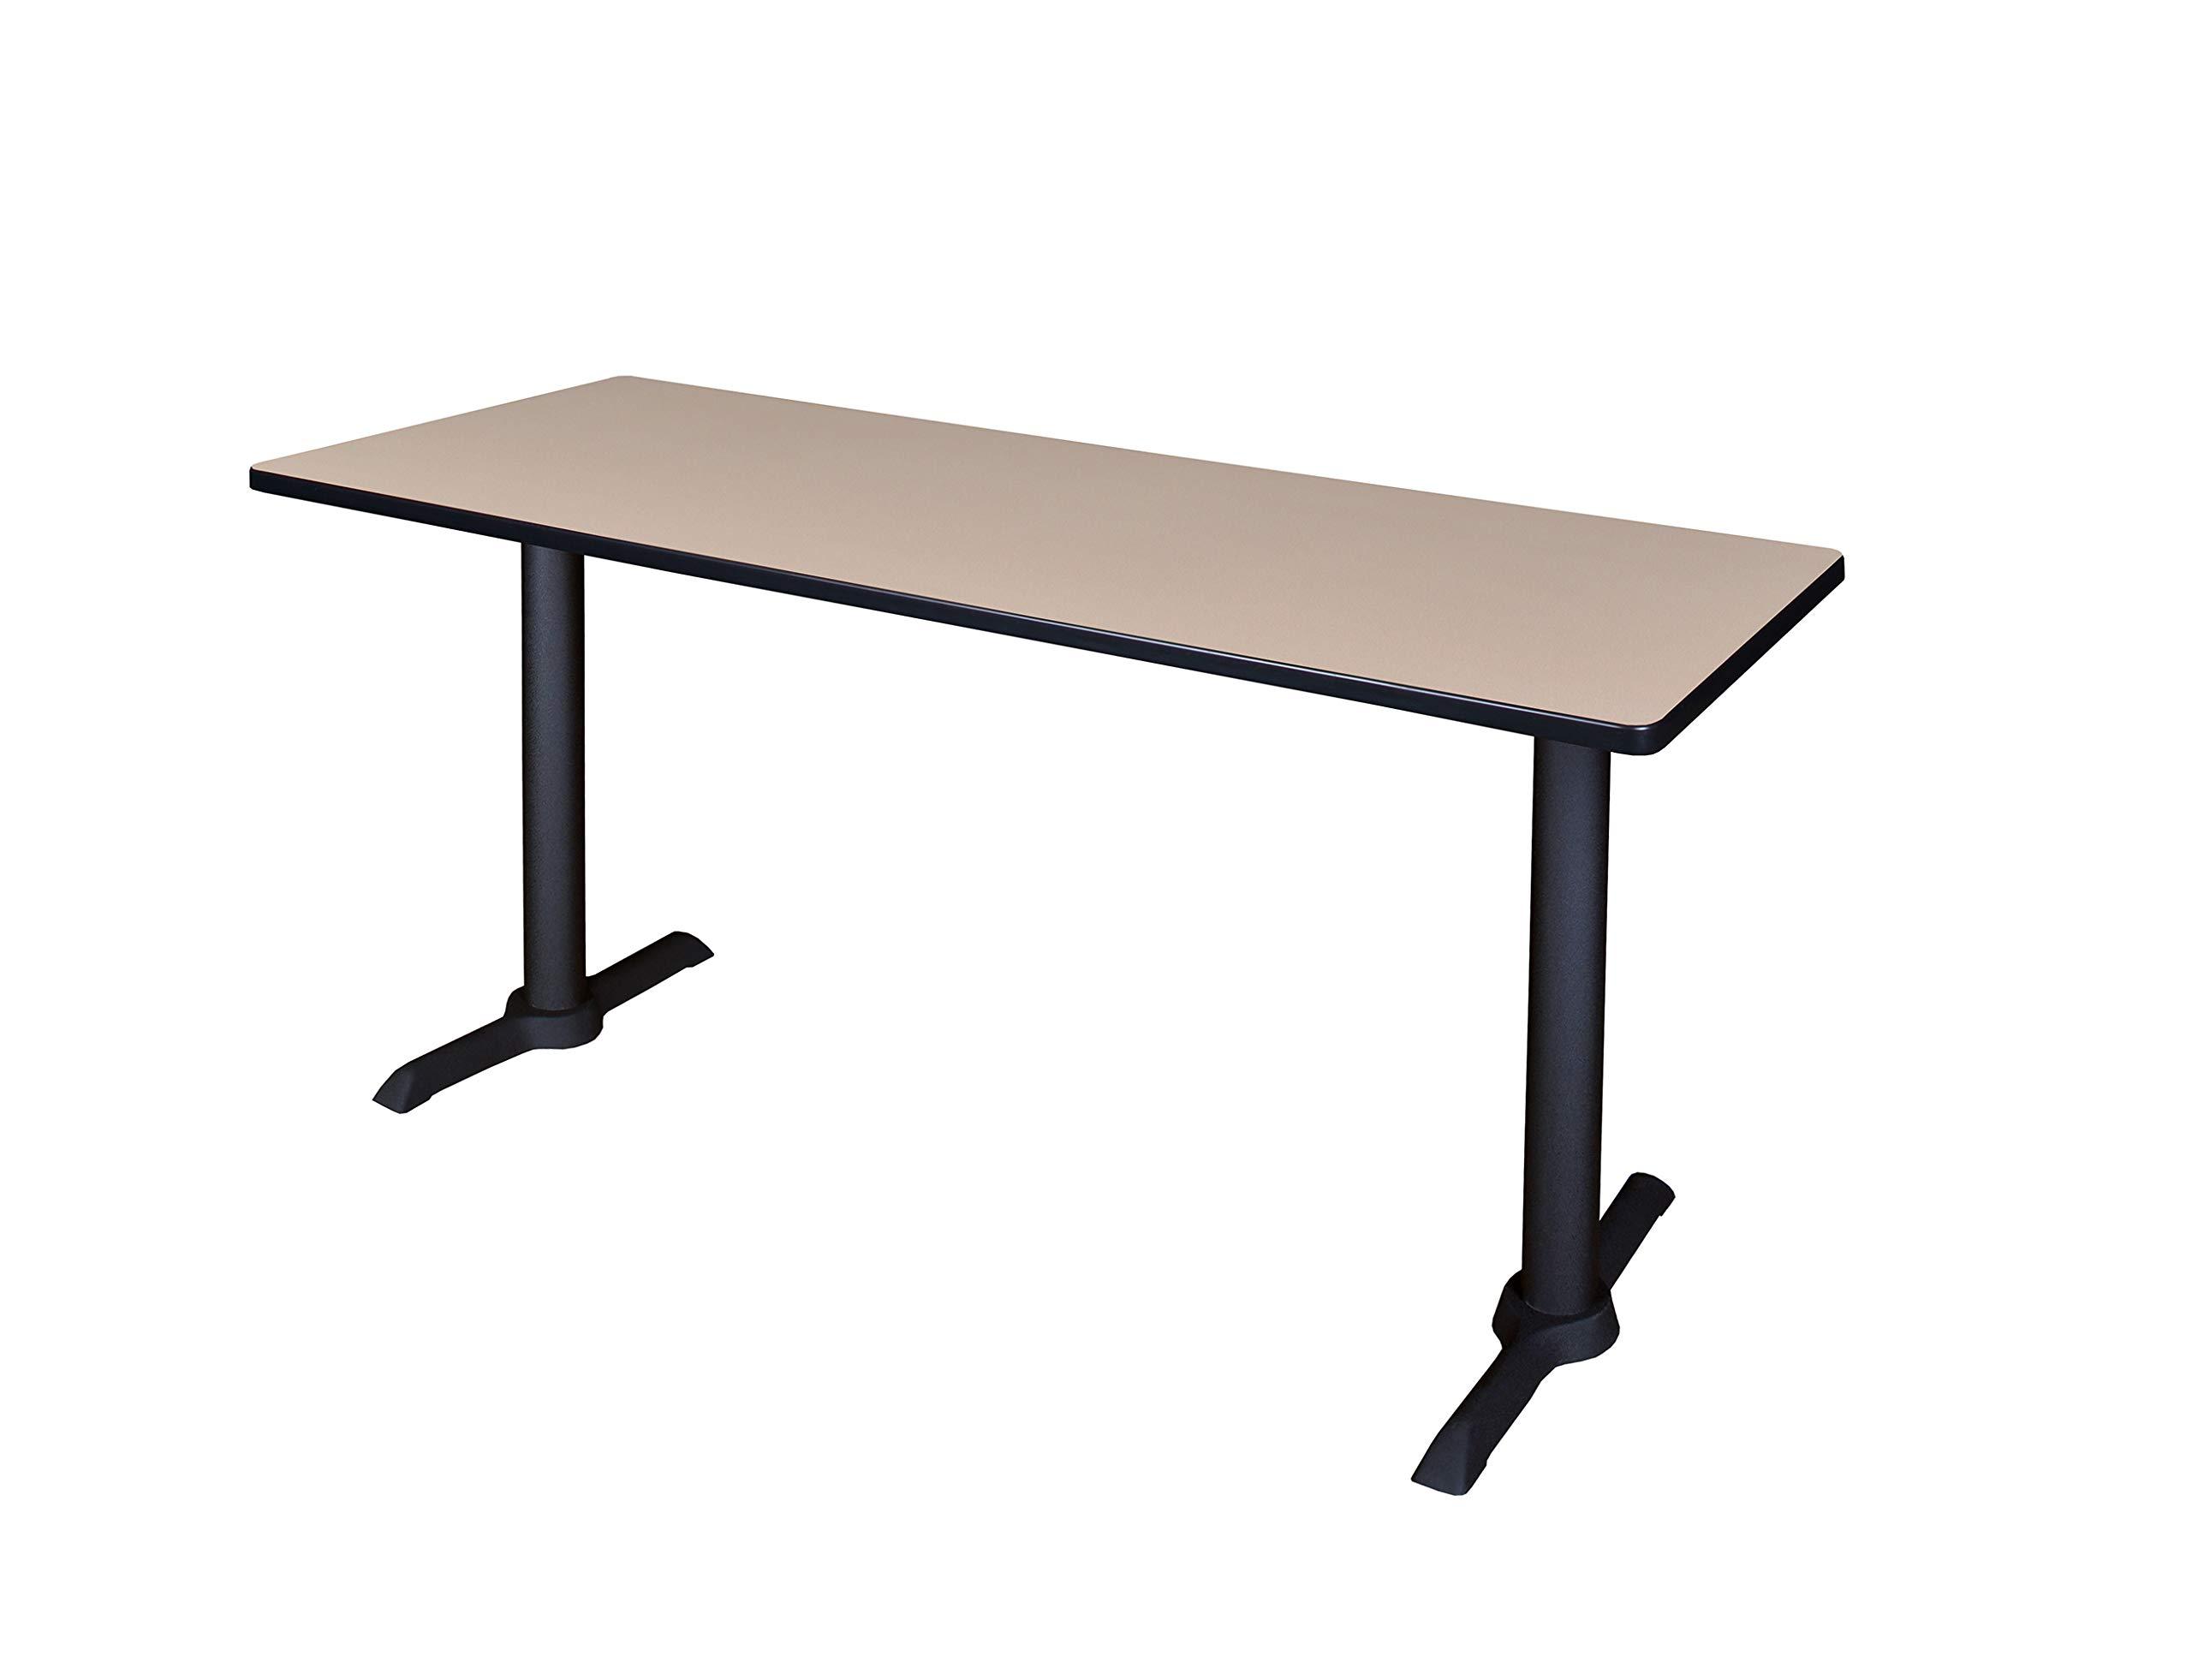 Regency Cain 72'' x 24'' Training Table- Beige by Regency